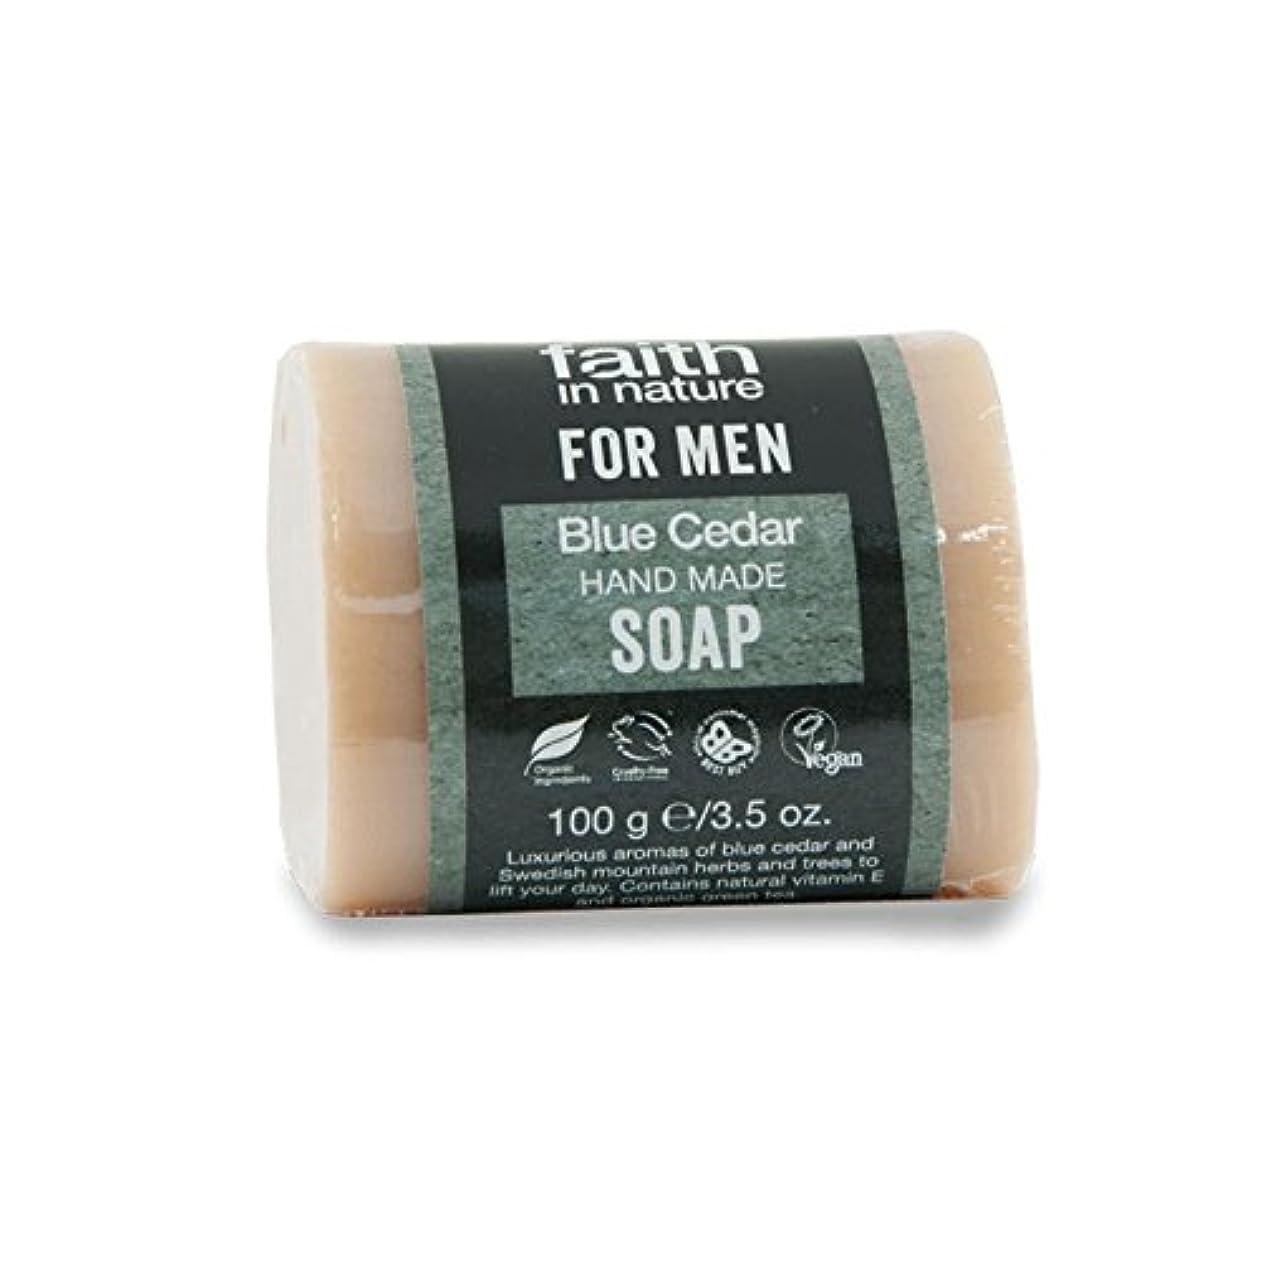 そのような臨検魅惑的なFaith in Nature for Men Blue Cedar Soap 100g (Pack of 6) - 男性青杉の石鹸100グラムのための自然の中で信仰 (x6) [並行輸入品]